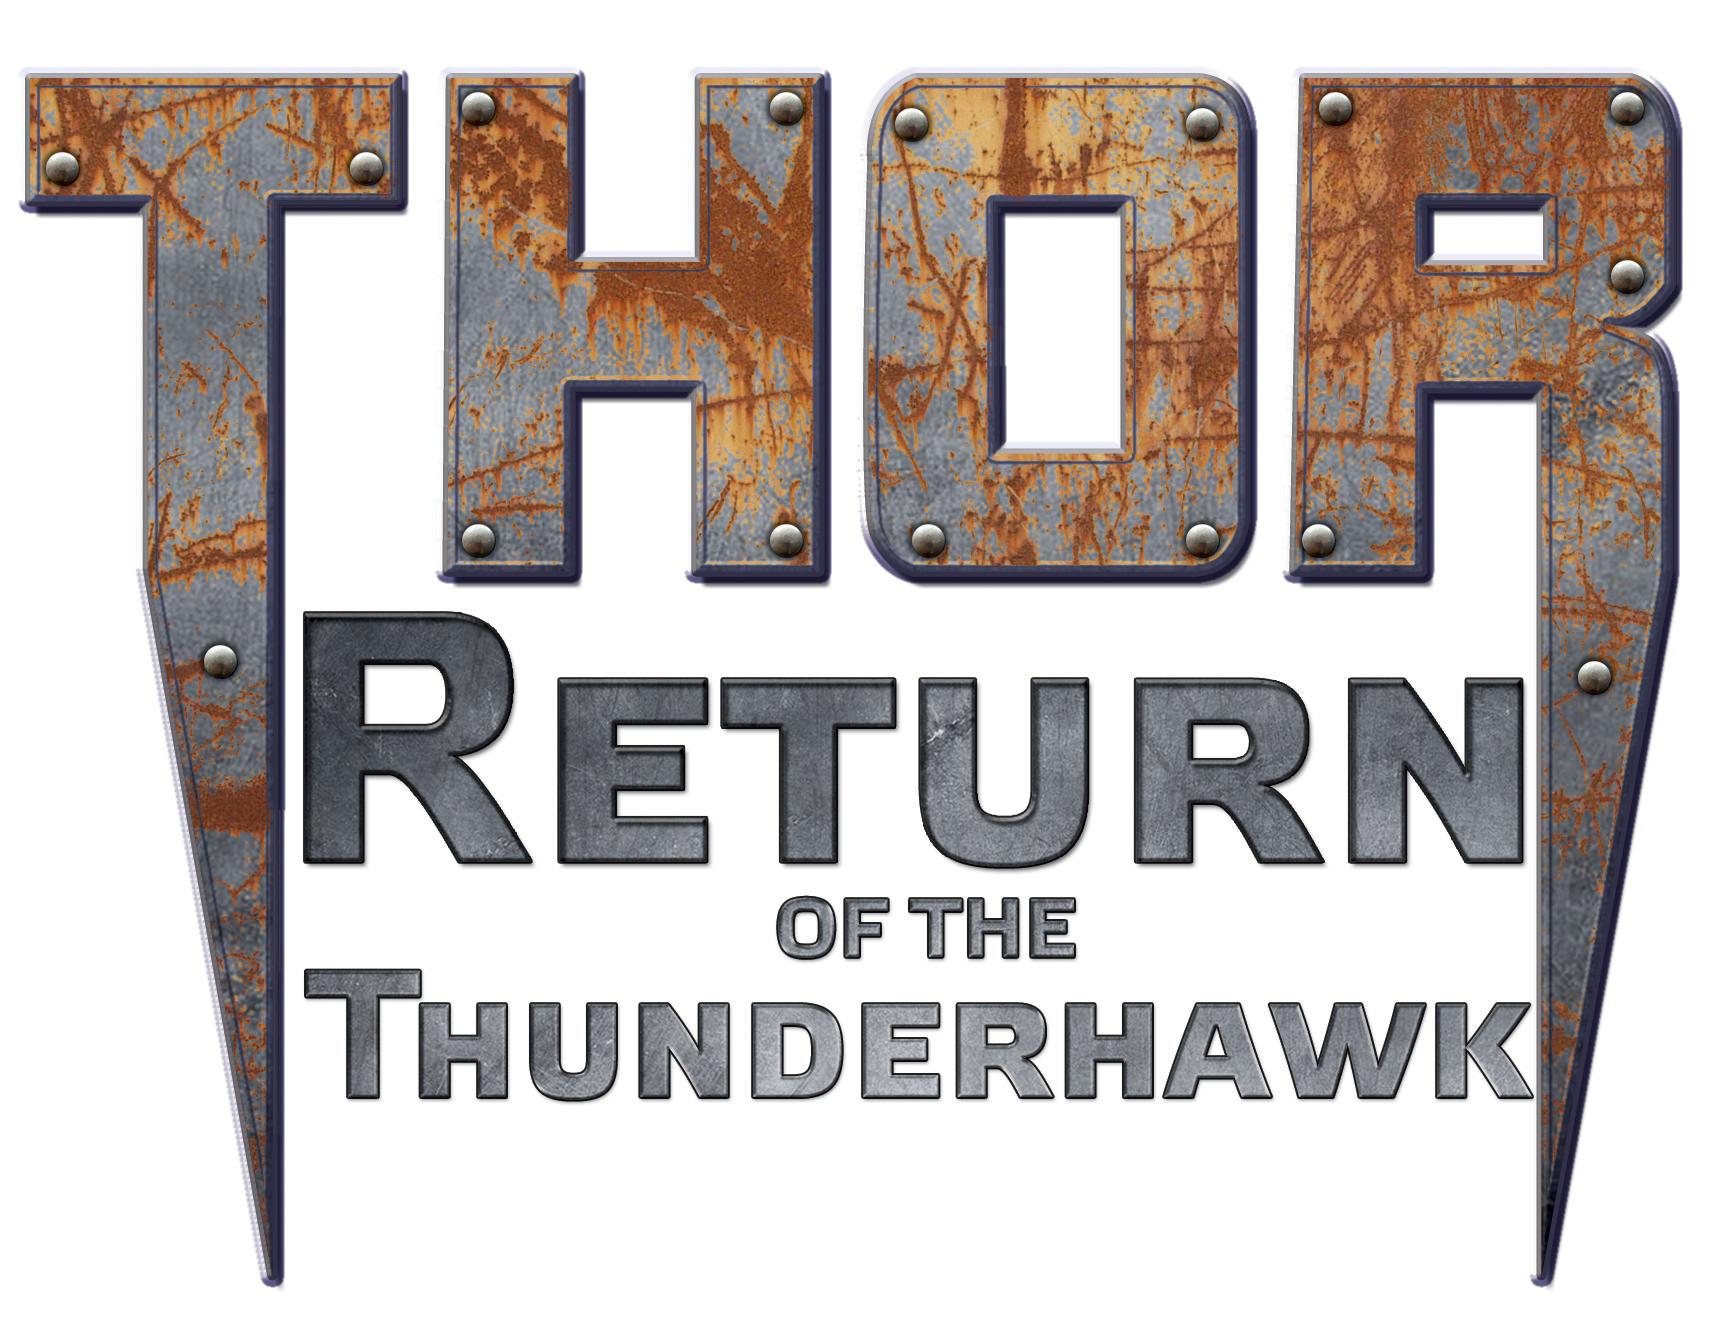 Thor1 - metal - Rust.jpg